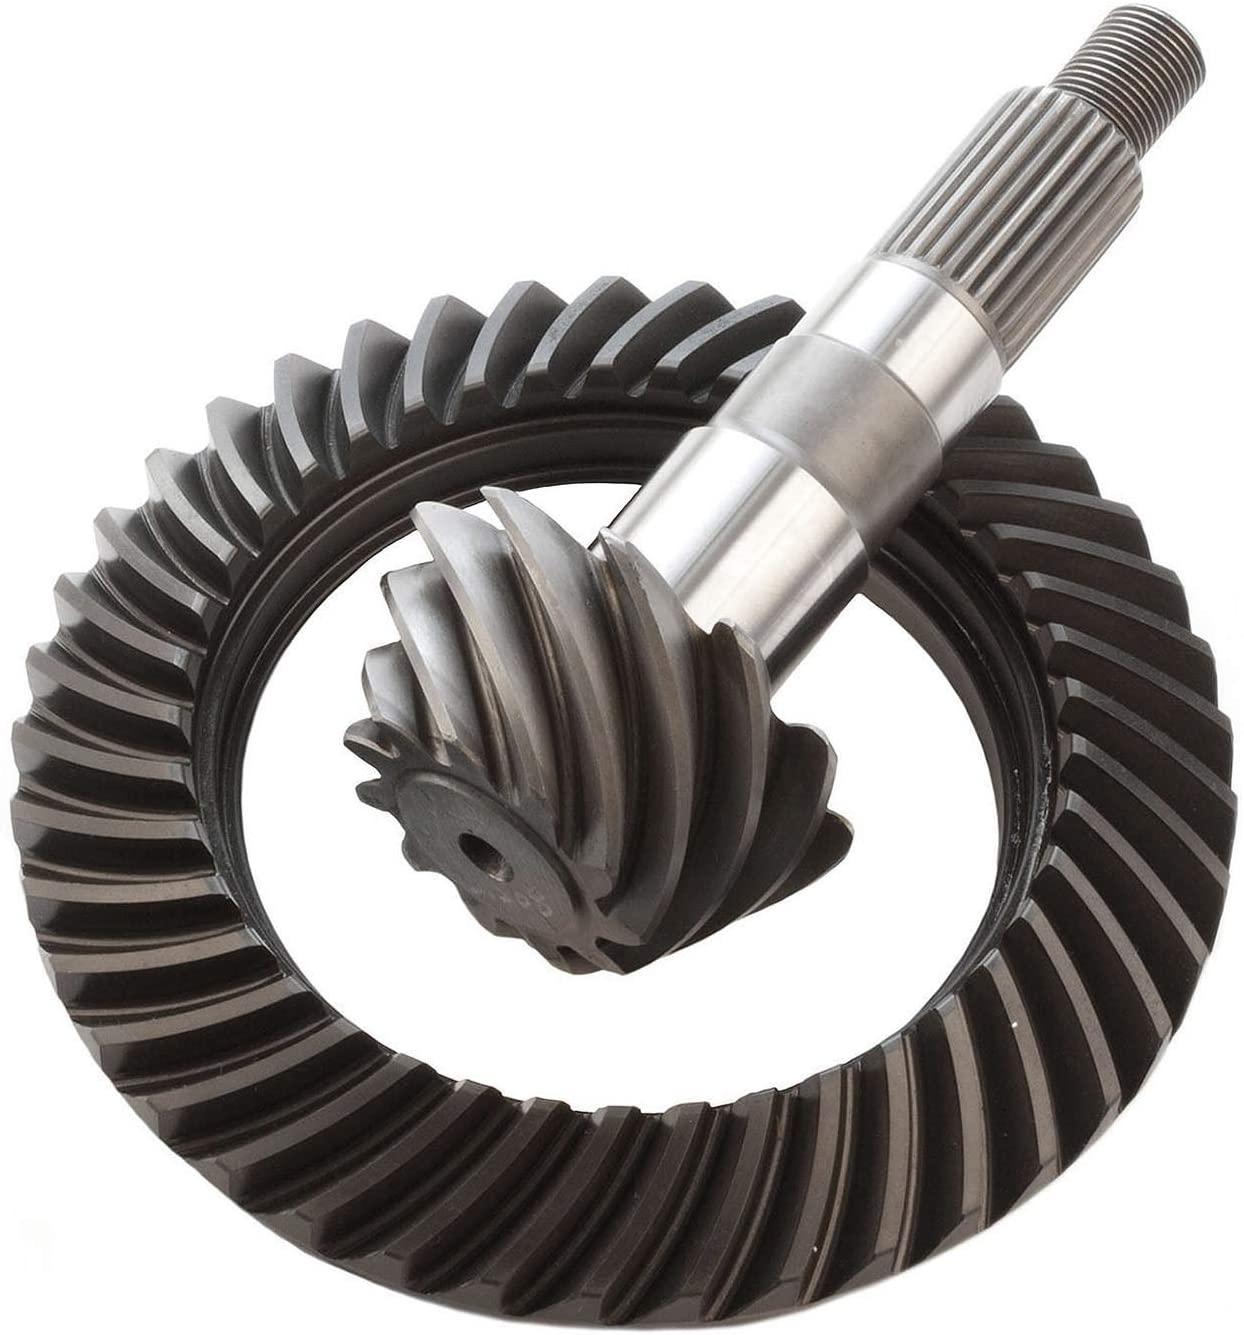 Motive Gear D30-488 Rack and Pinion, 39-8 Teeth, 4.88 Ratio